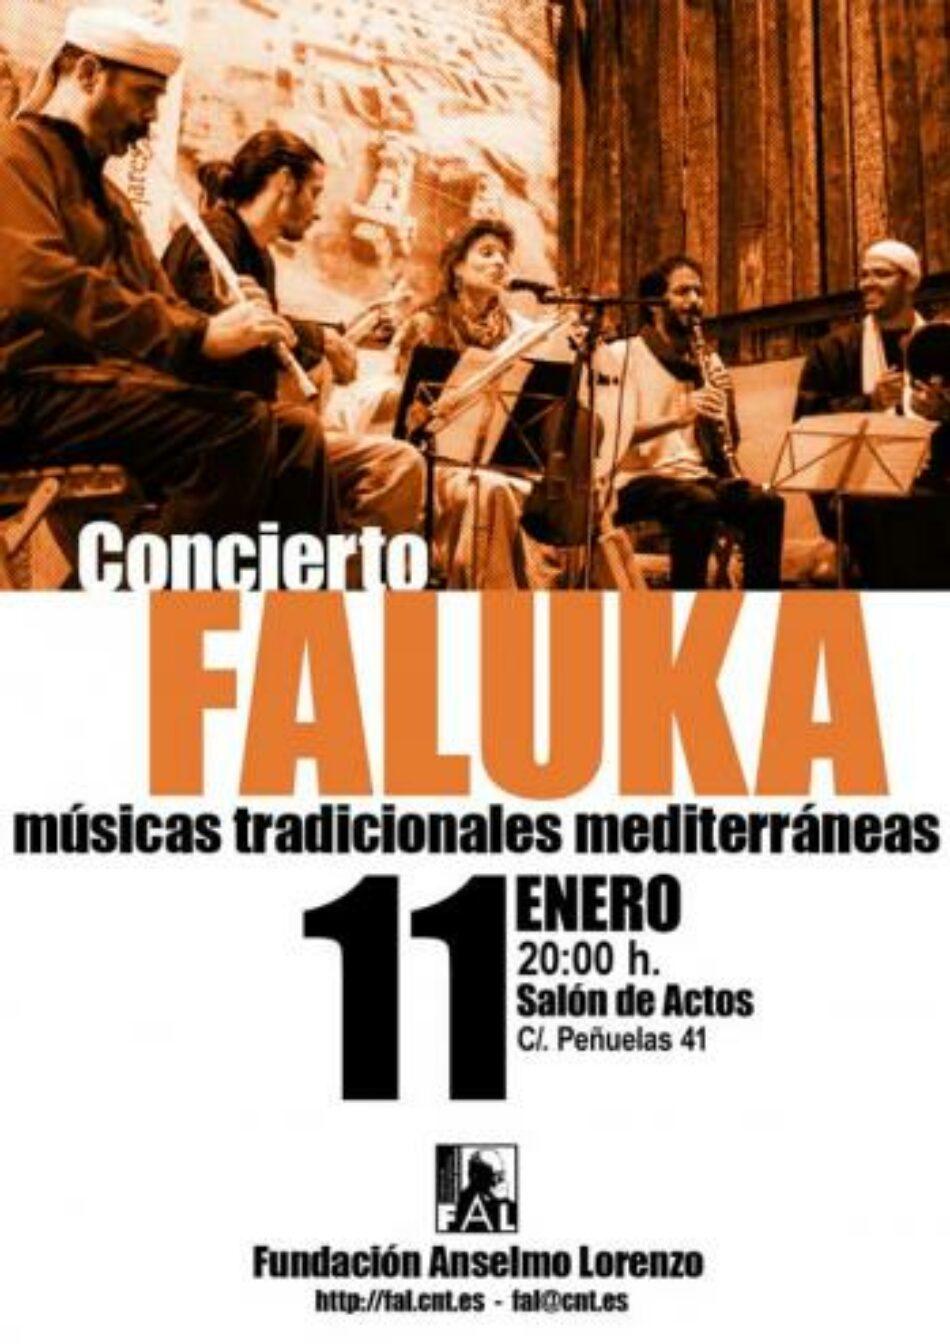 [FAL] Concierto de «Faluka» (músicas tradicionales mediterráneas)